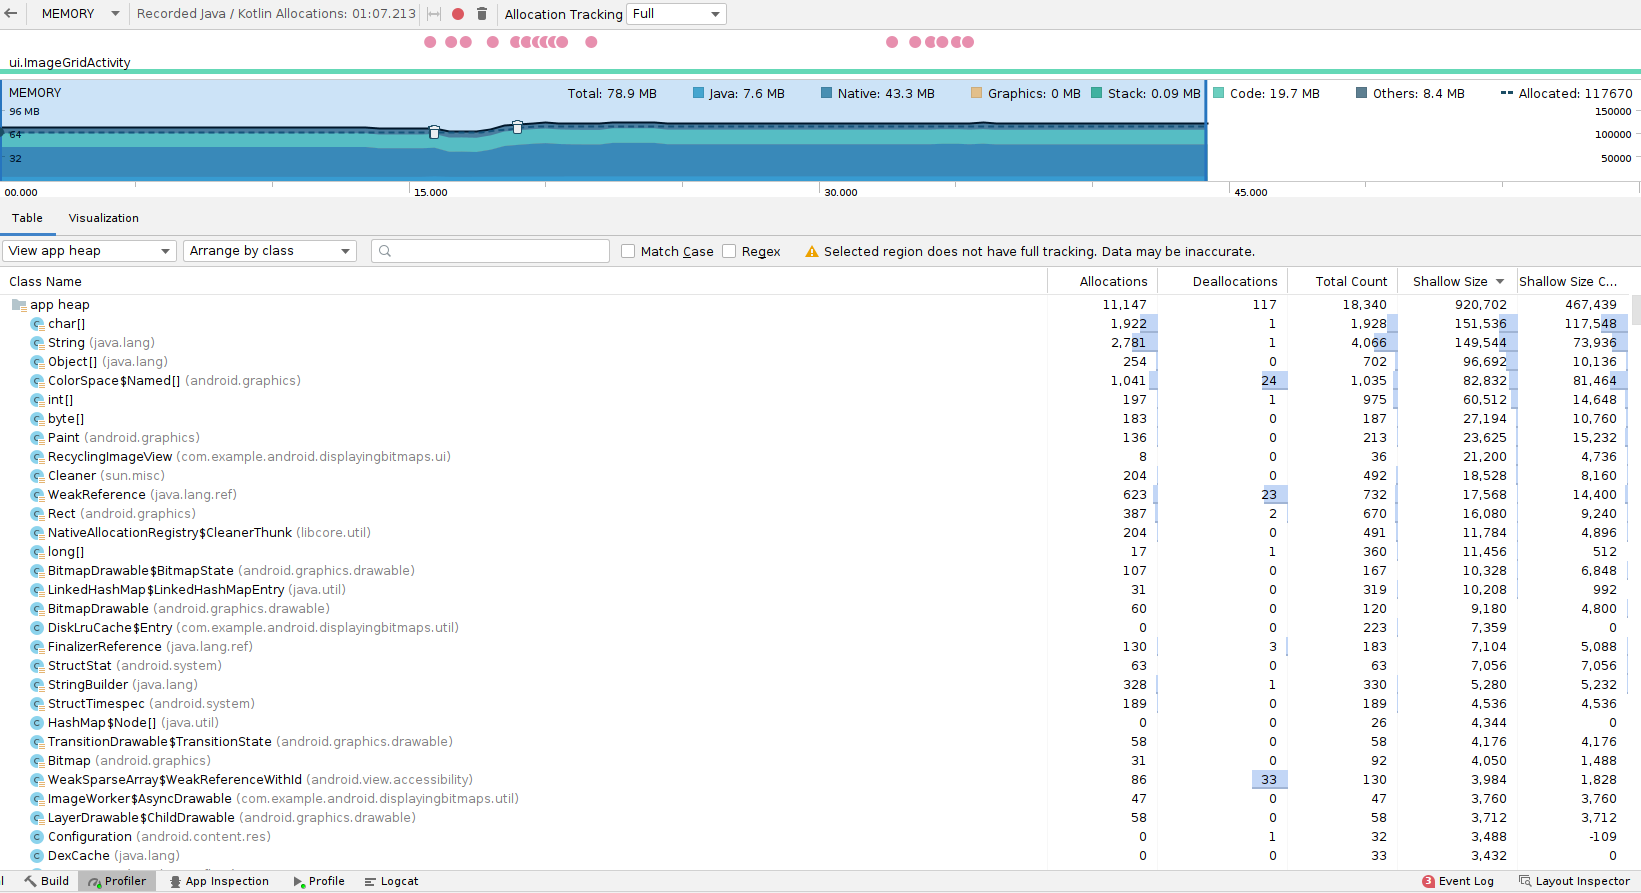 内存分析器中显示的内存分配